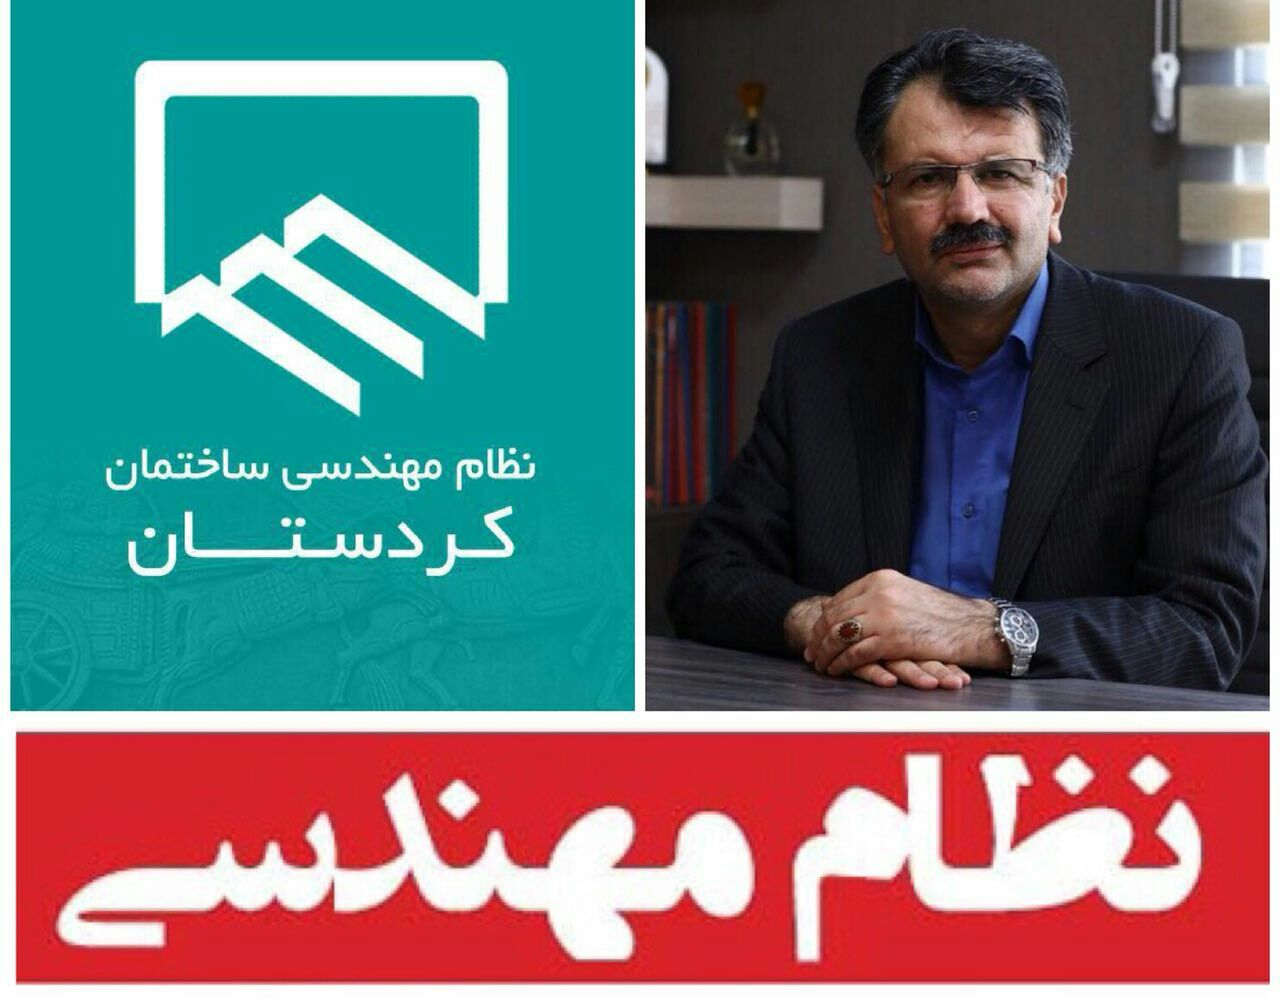 نهادهای نظارتی به موضوع نظام مهندسی استان کردستان ورود کنند